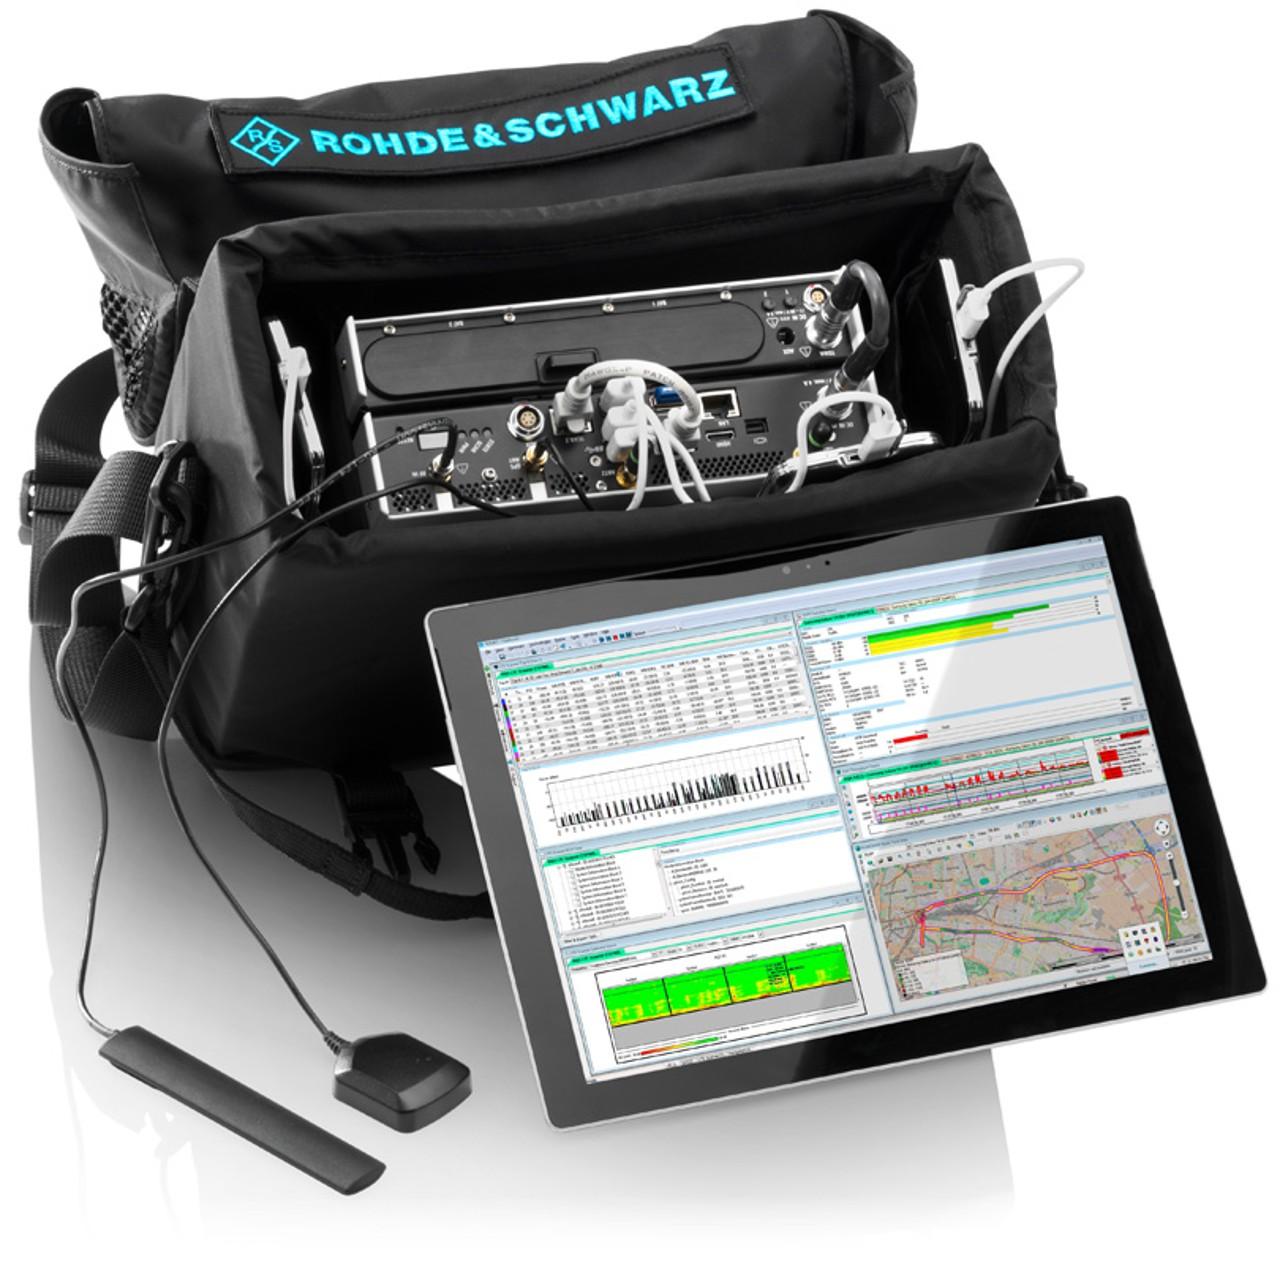 Die tragbare Lösung zur Spektrumbereinigung: der R&S®TSMA autonome Mobilfunknetz-Scanner und die R&S®ROMES4 Messfahrt-/Messgang-Software